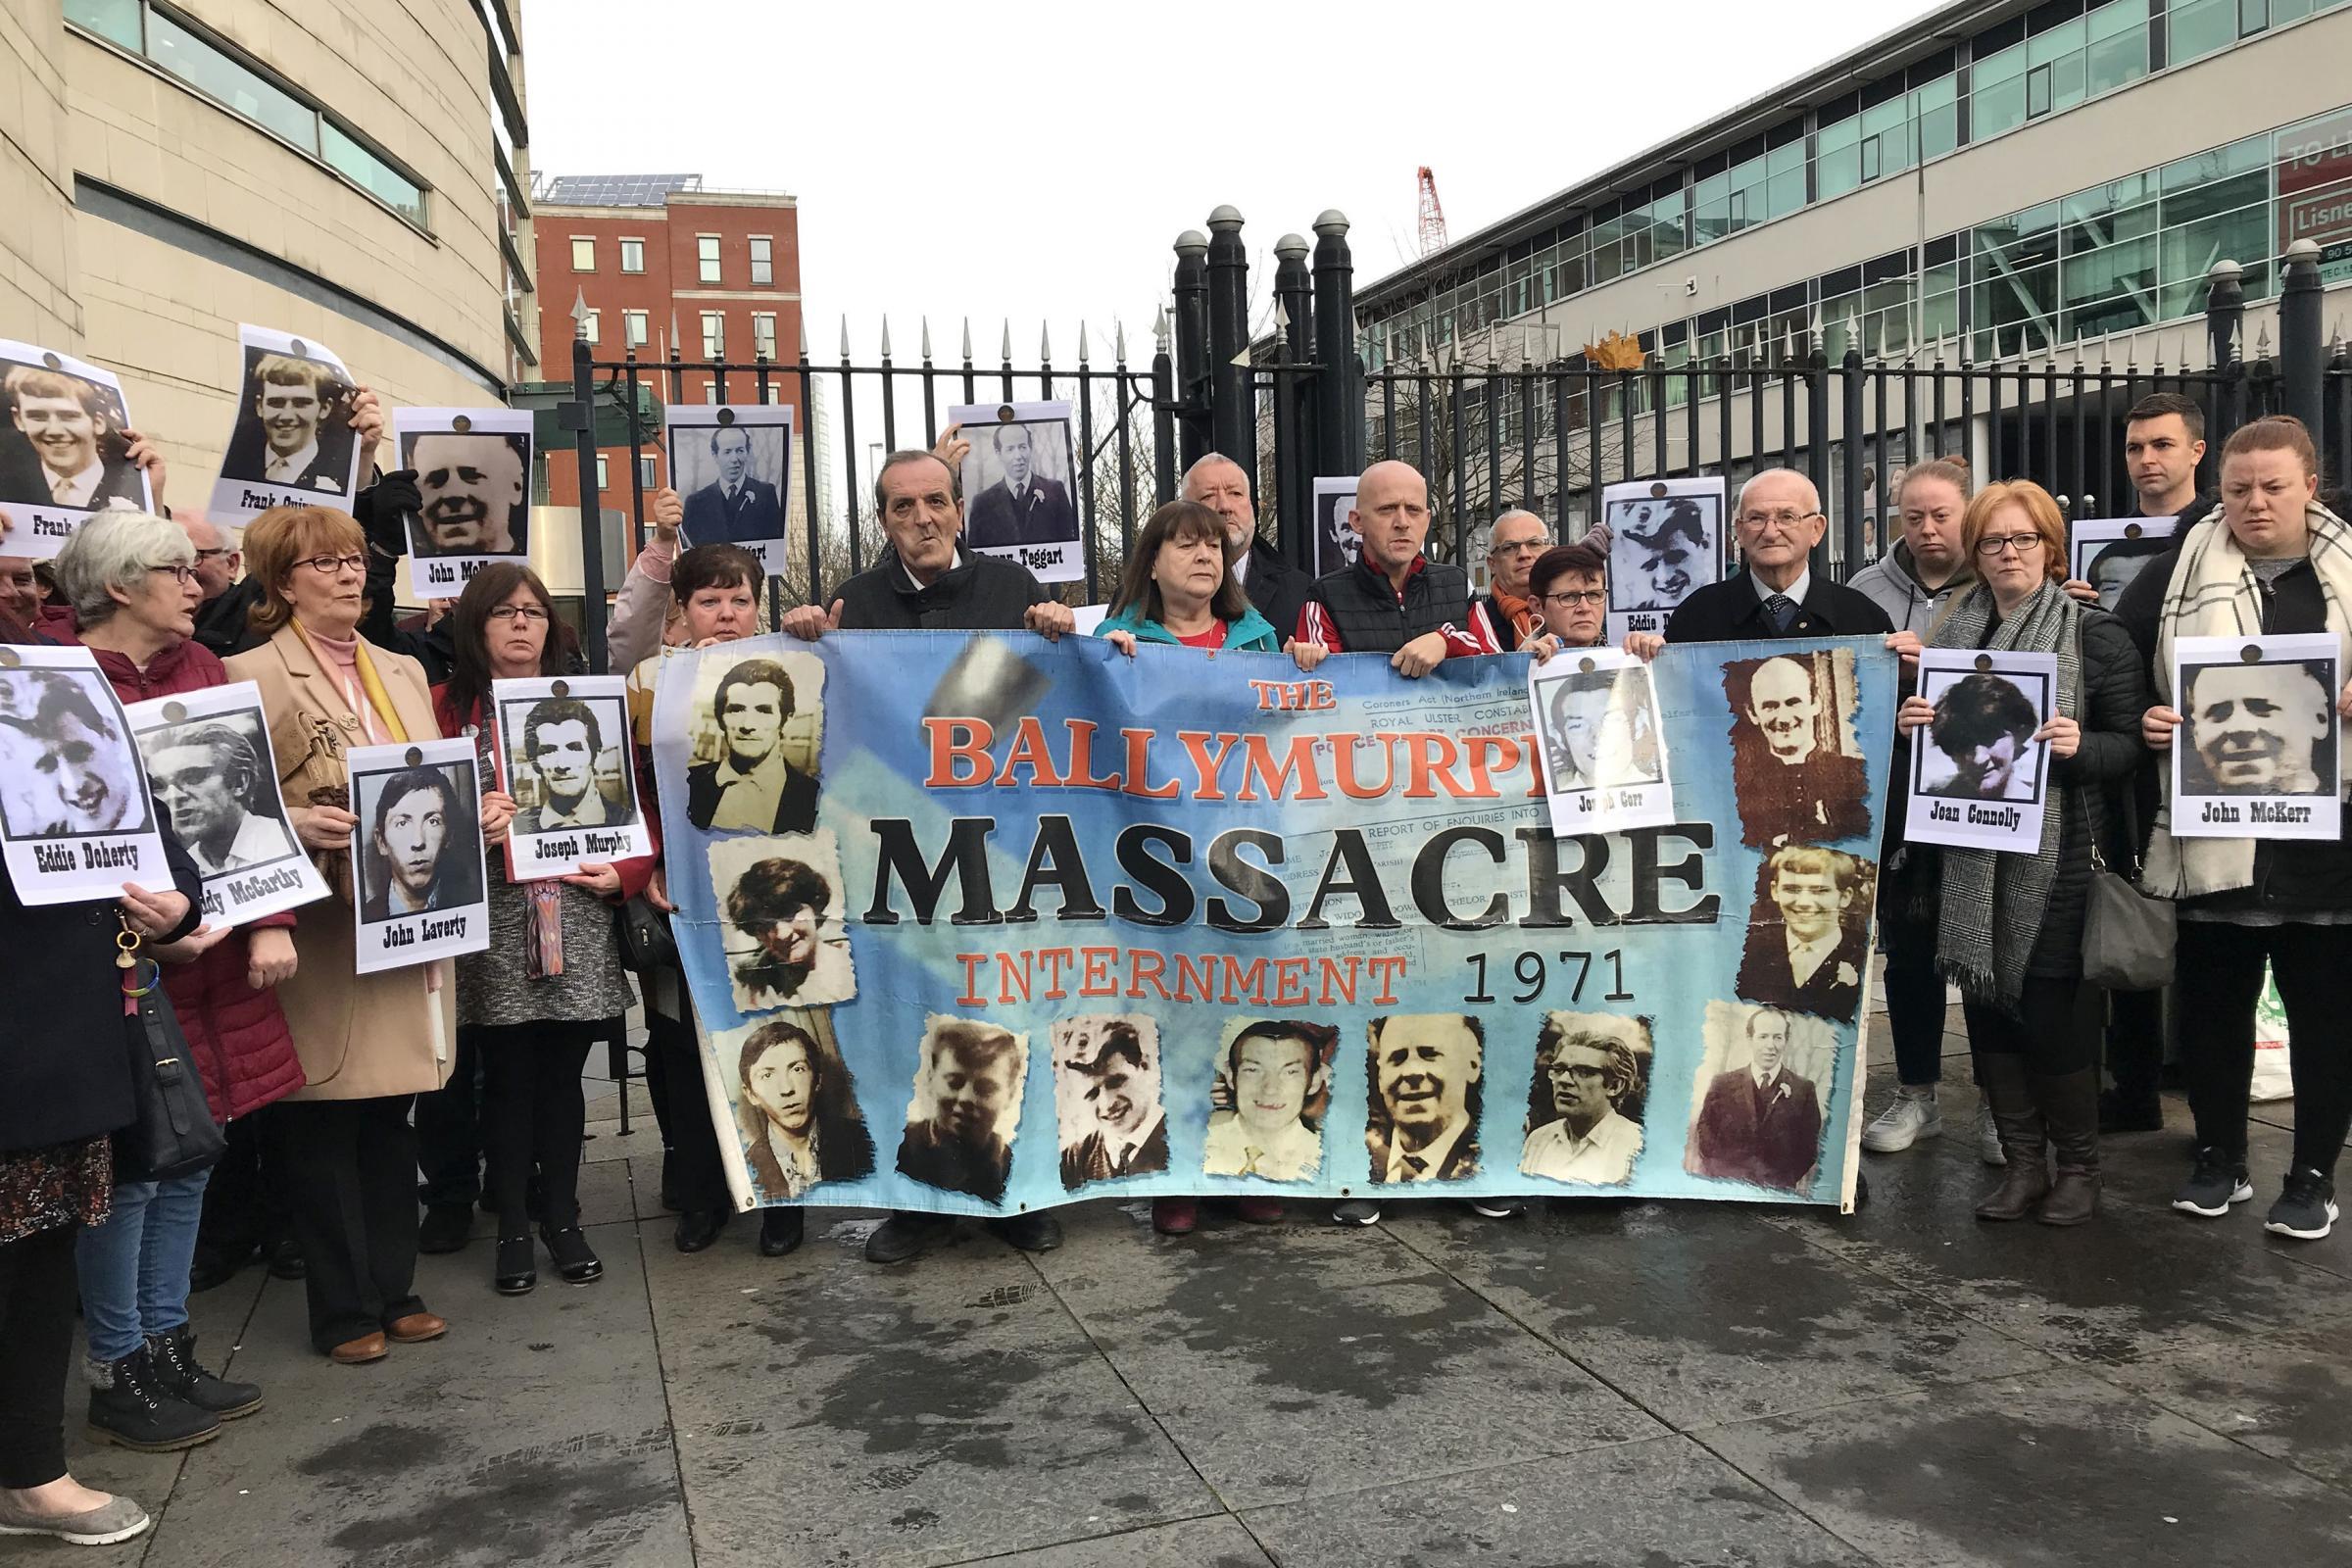 参议员的跨党派代表团为Ballymurphy家庭提供支持